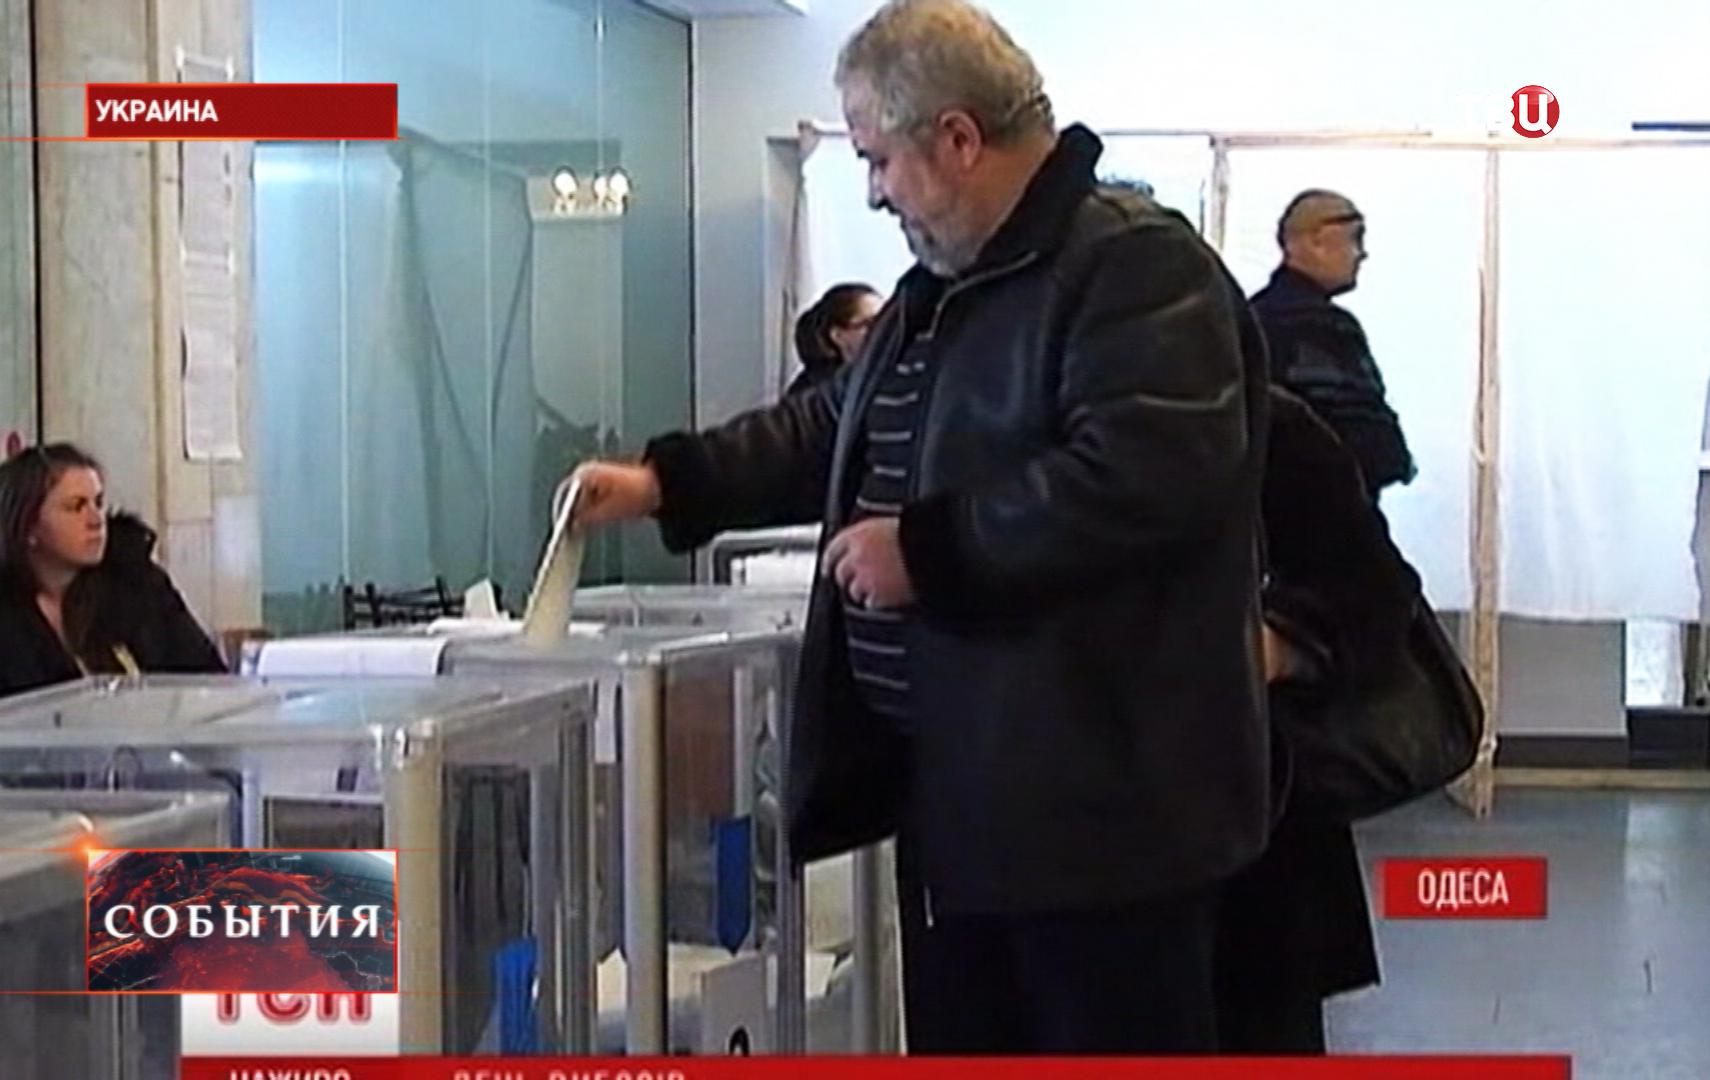 Во время голосования на выборах в Верховную Раду Украины на одном из избирательных участков